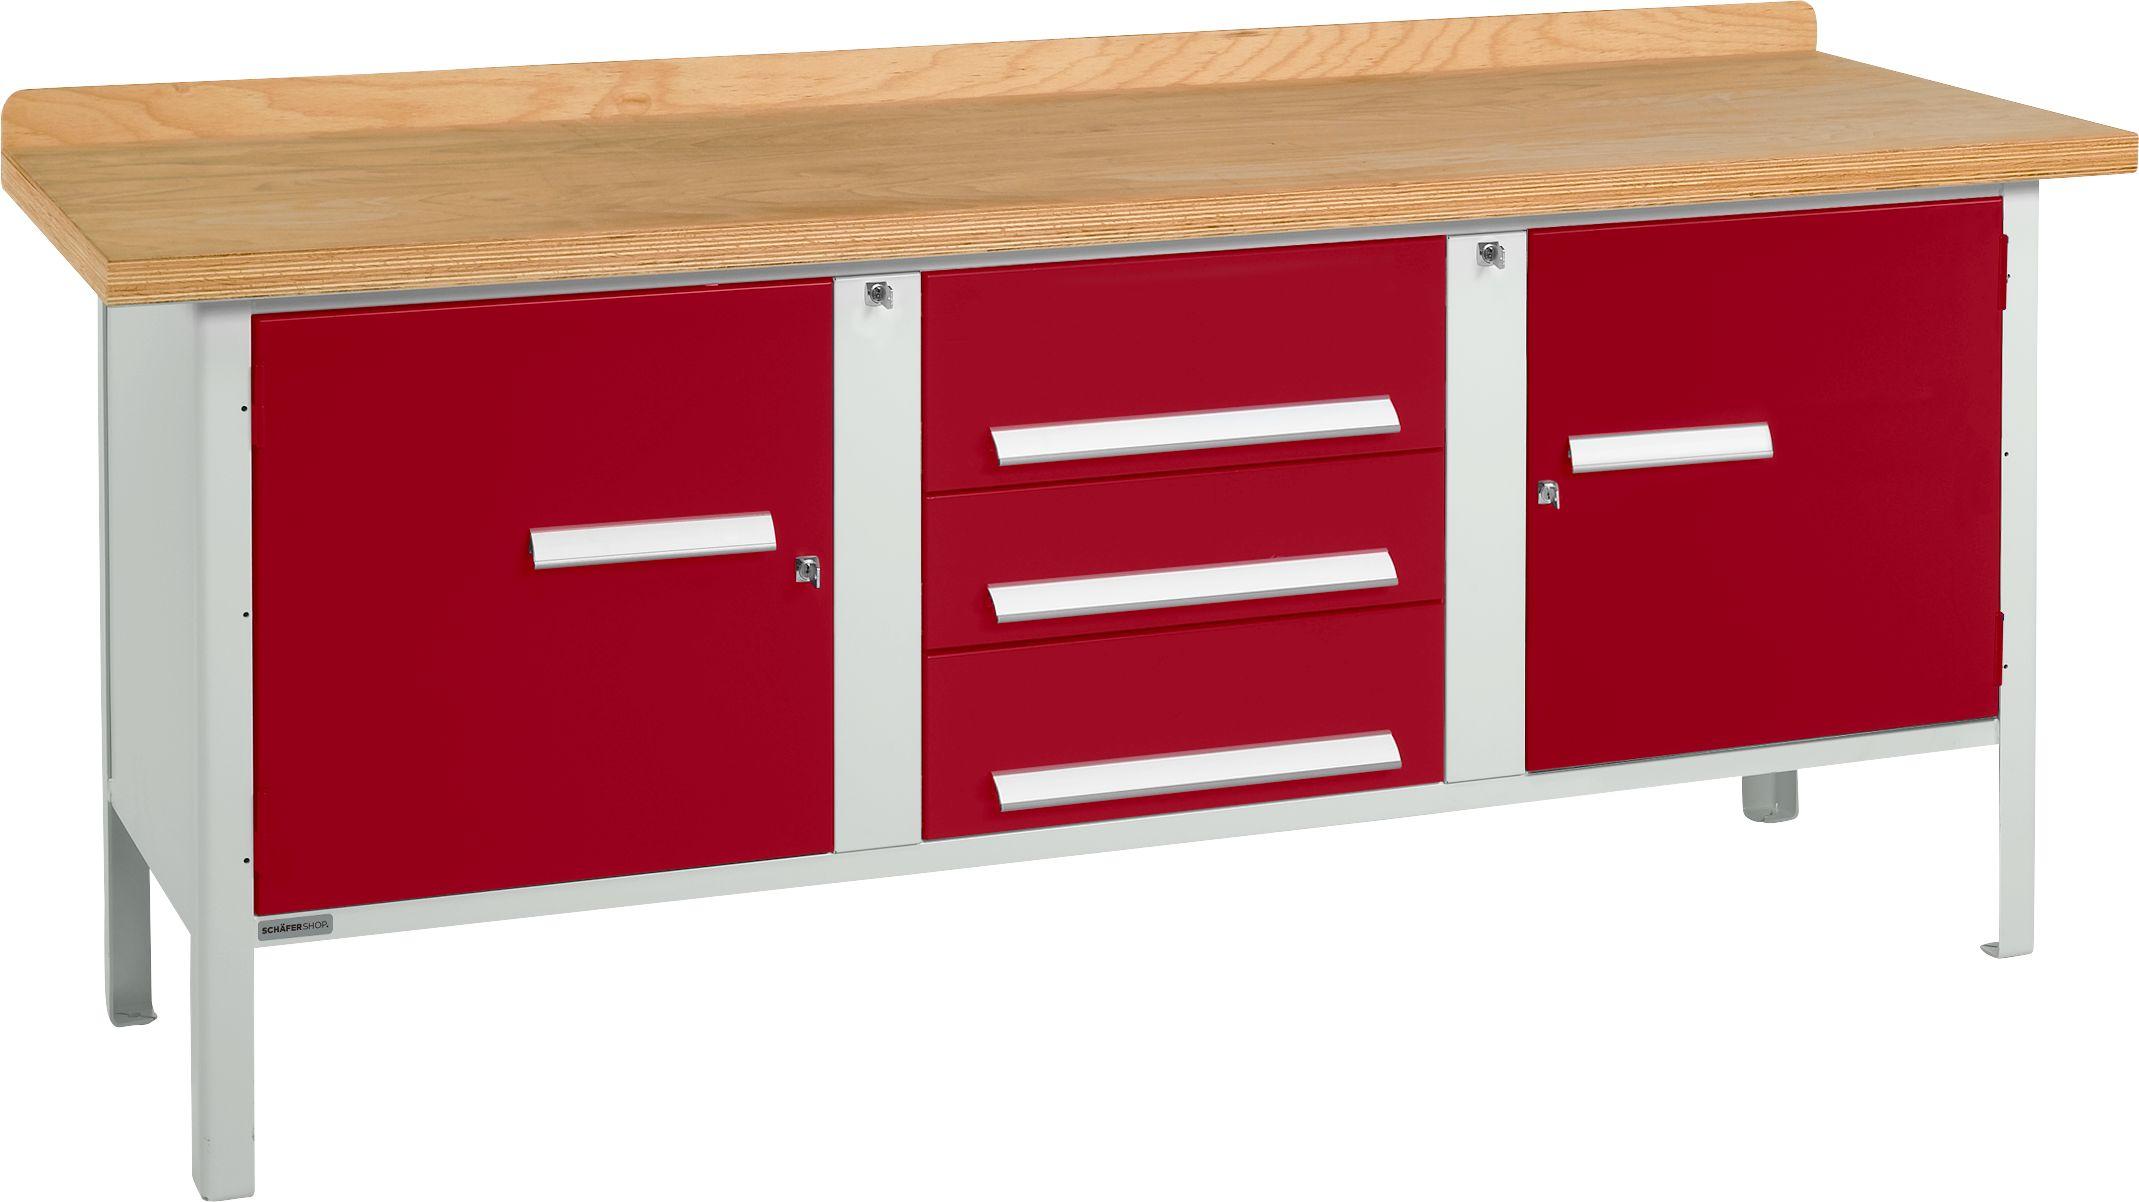 universelle profi werkbank pw 200 4 g nstig kaufen sch fer shop. Black Bedroom Furniture Sets. Home Design Ideas